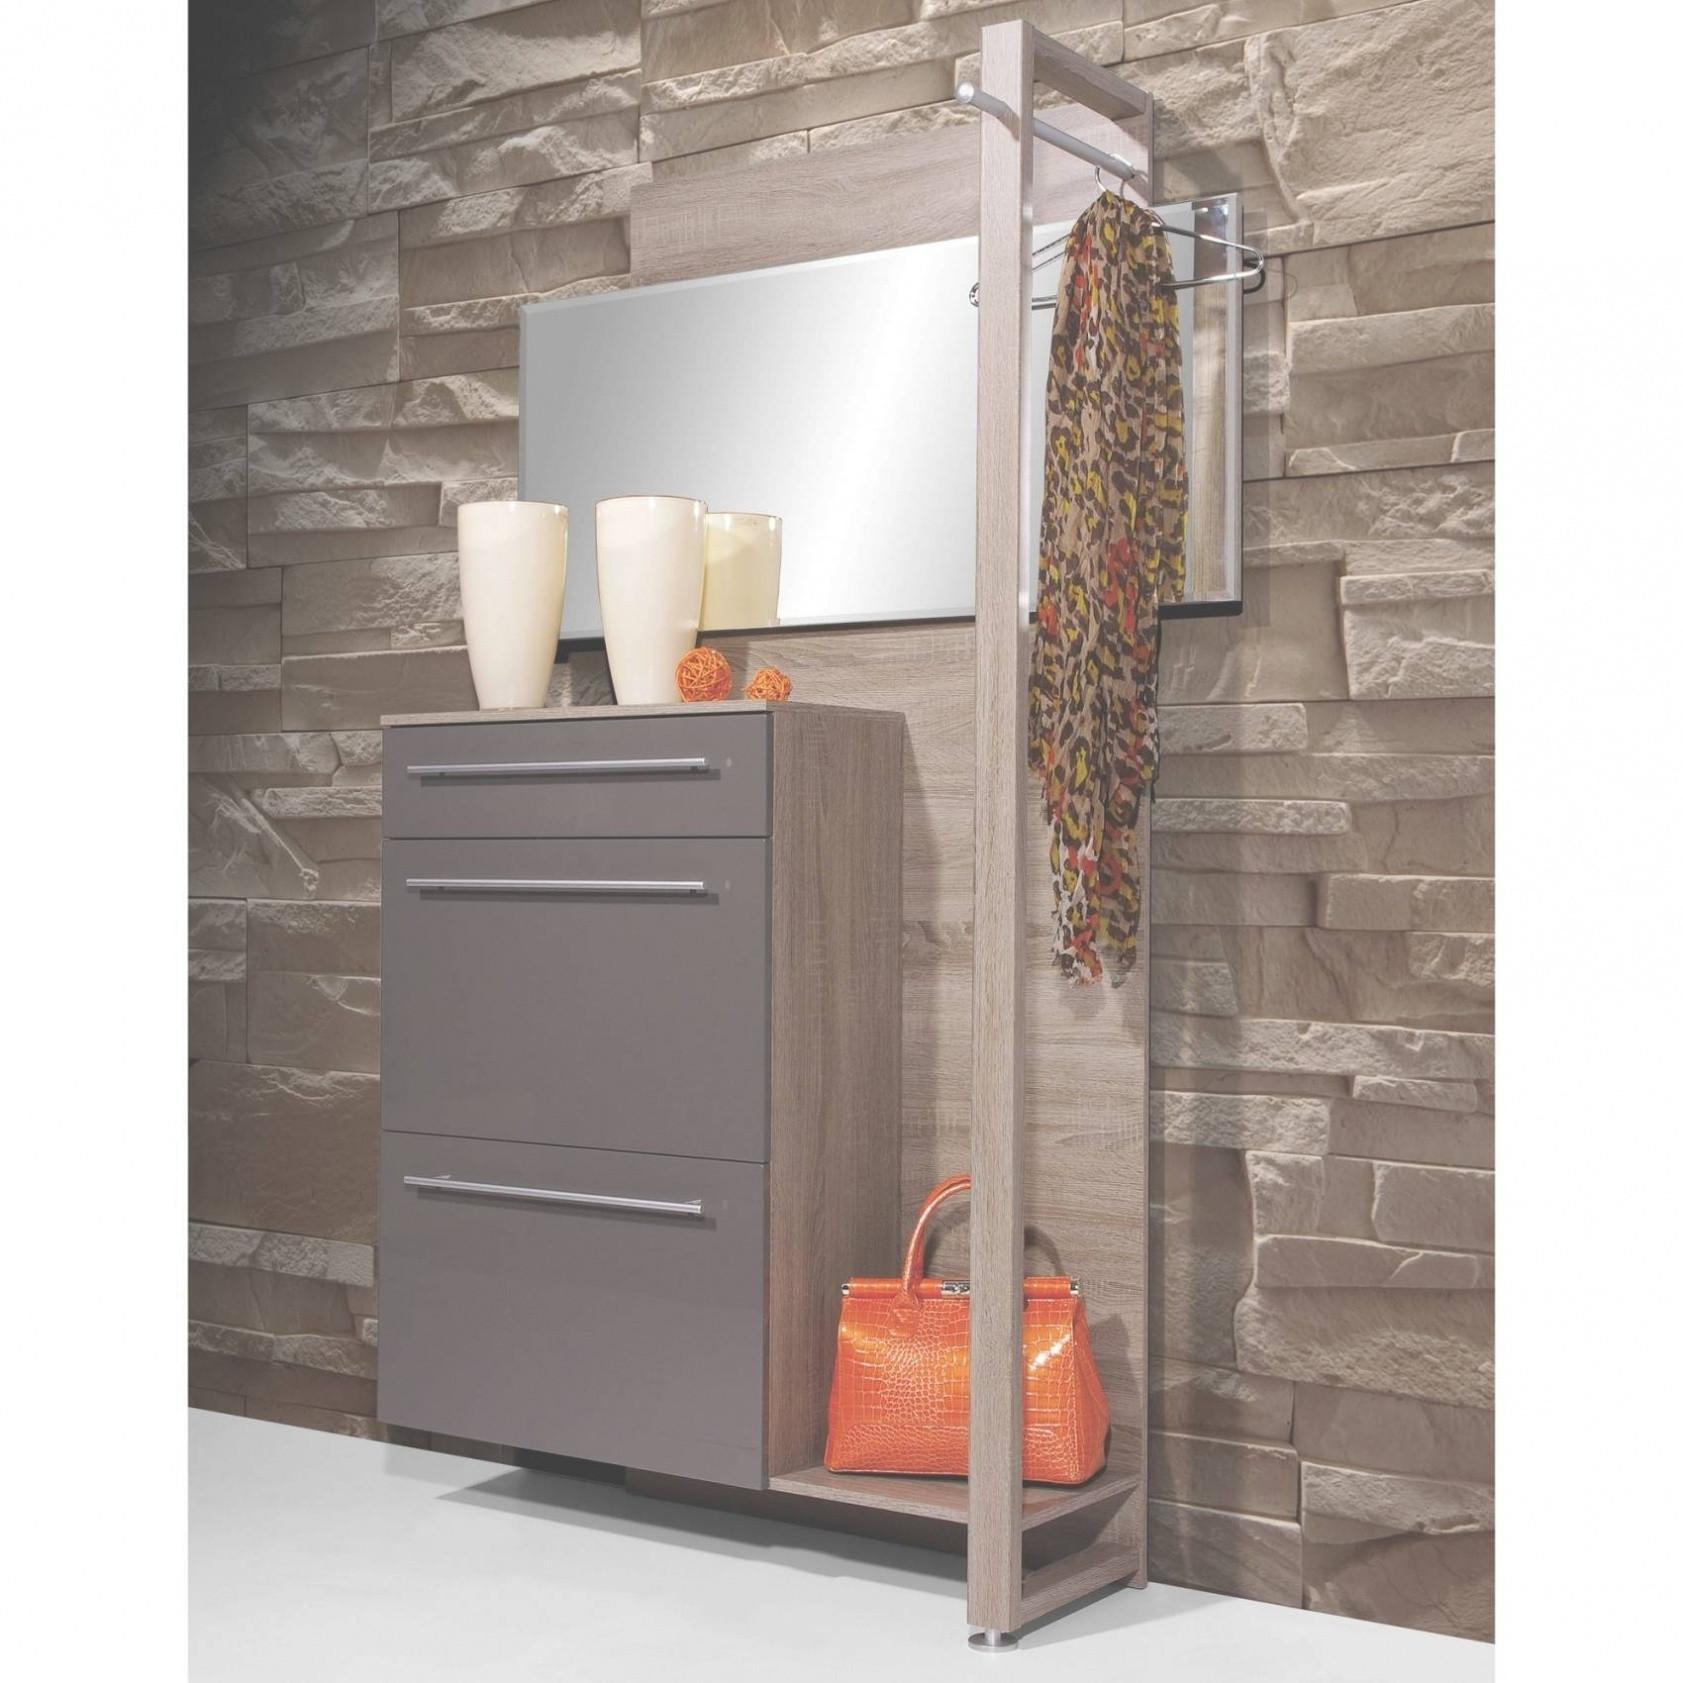 meuble exterieur rangement source dinspiration i meuble de rangement lit i canape i 0d of meuble exterieur rangement